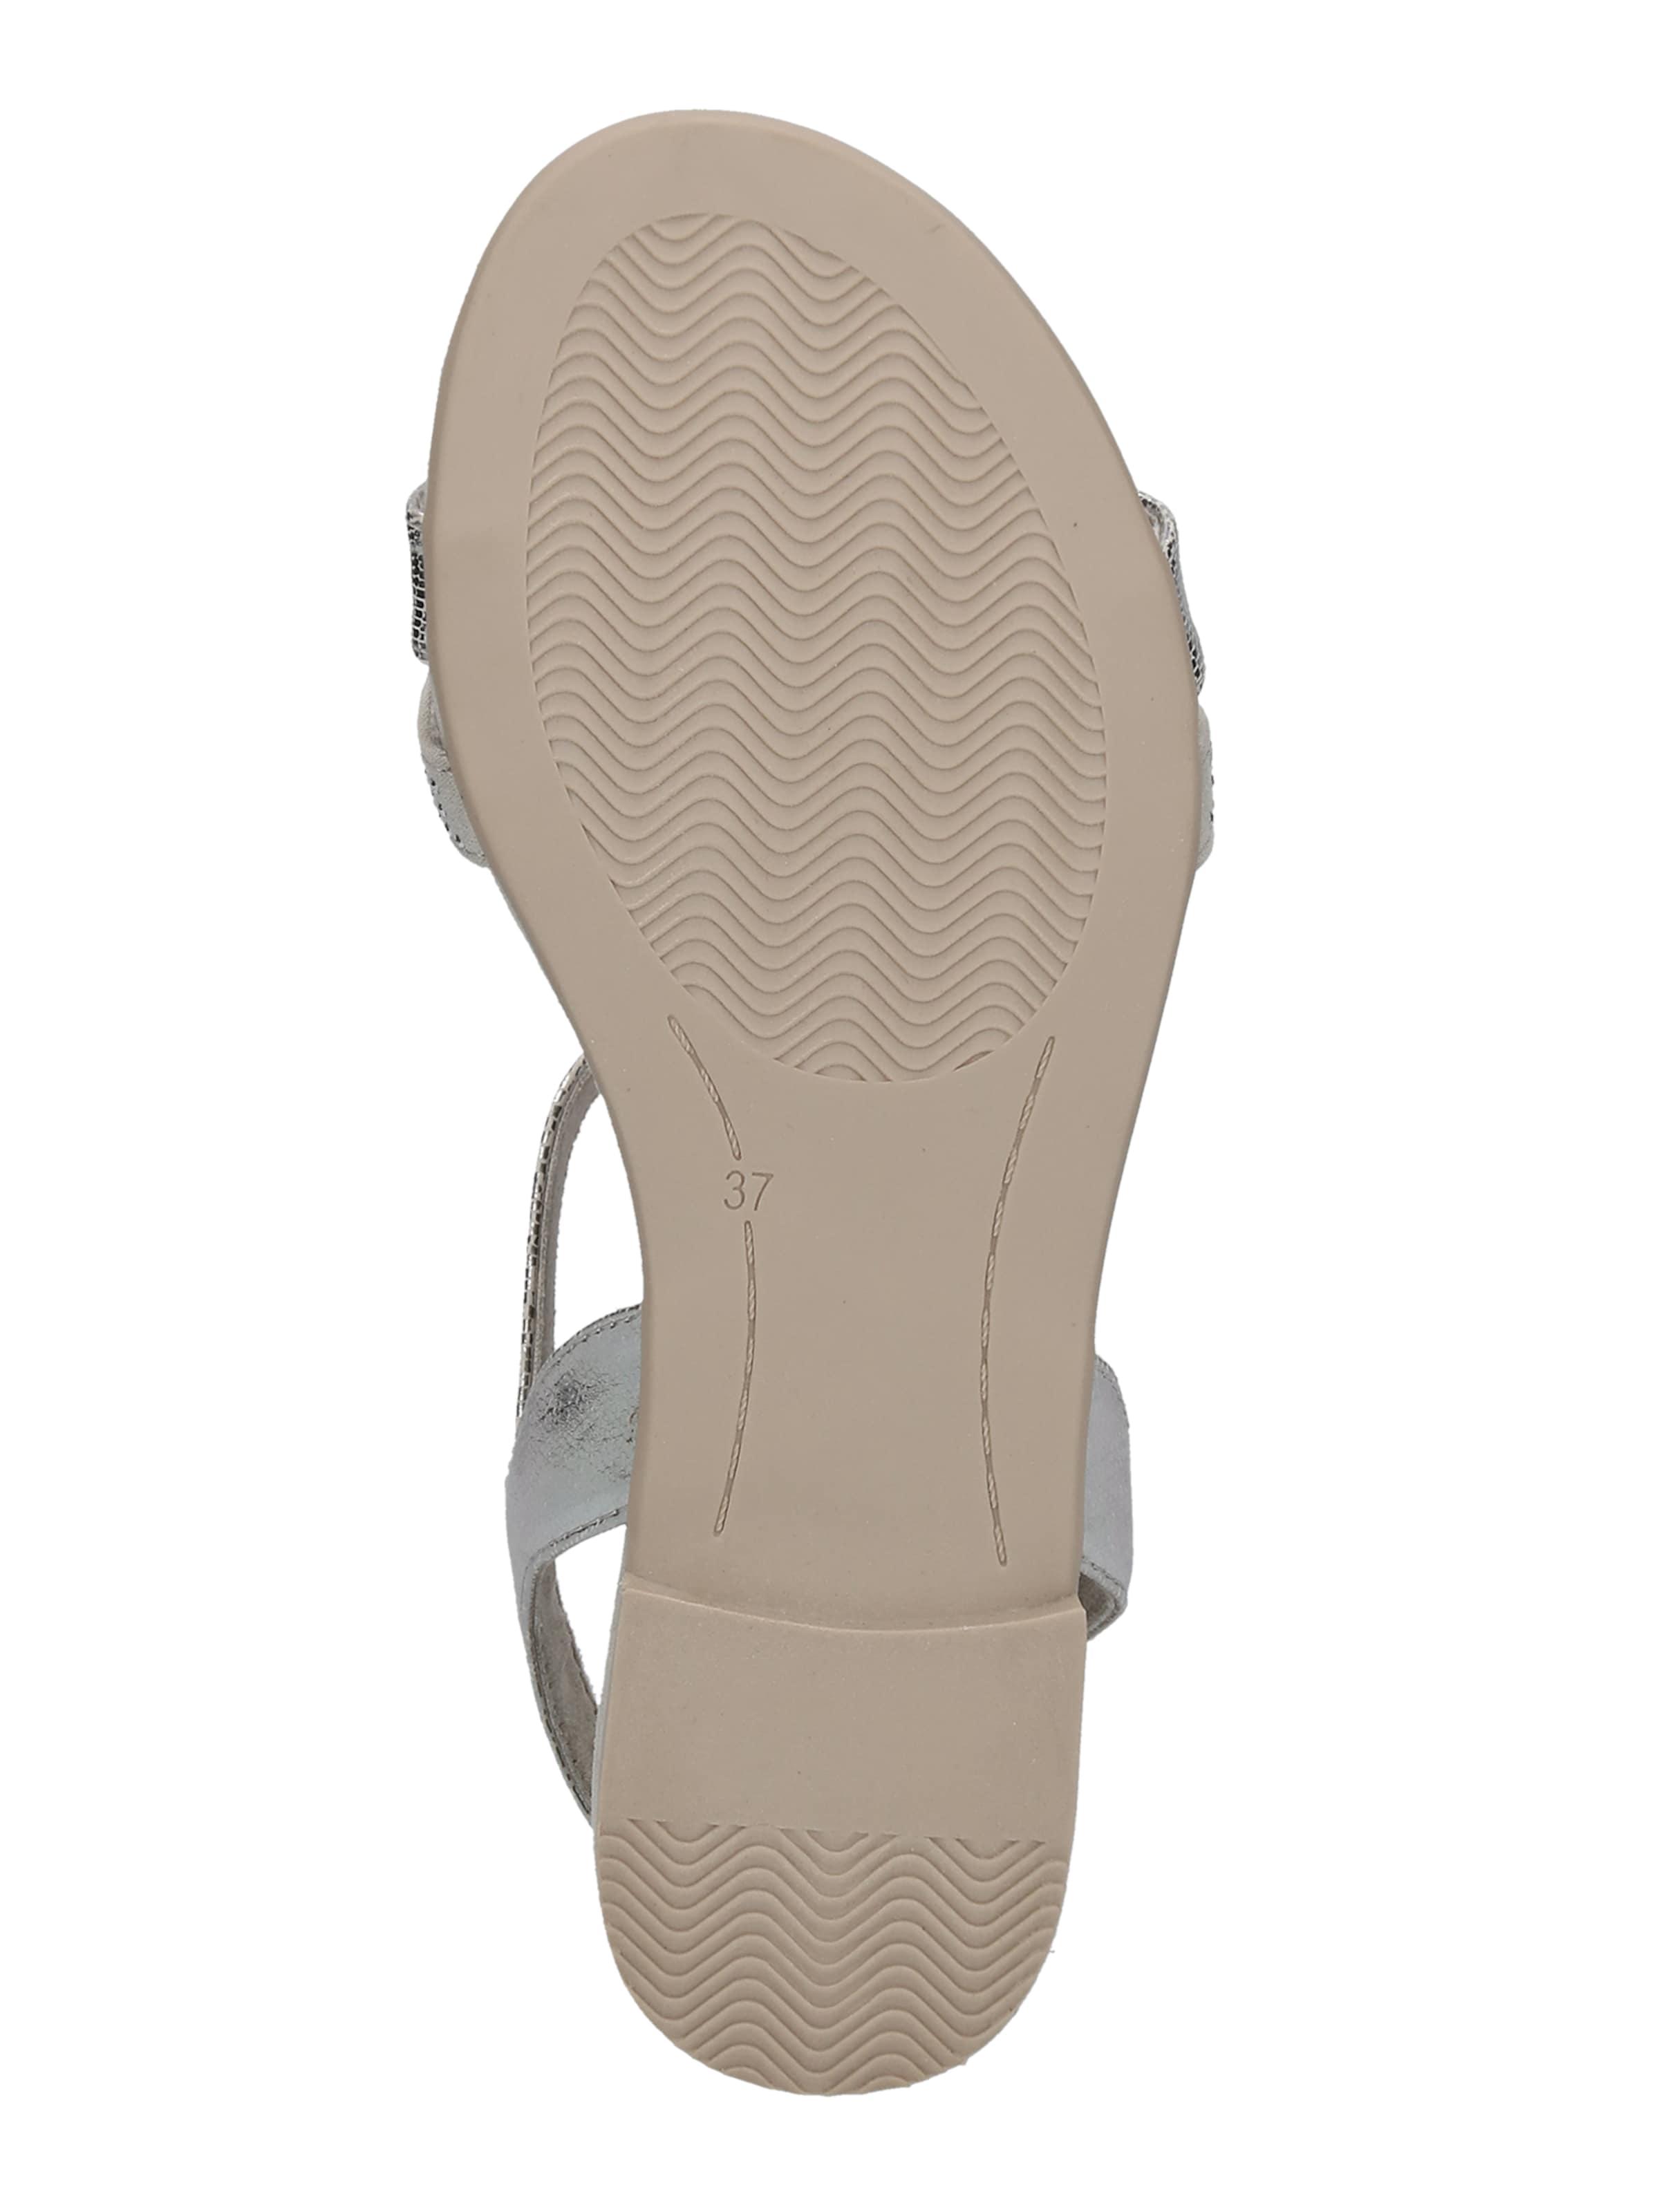 MARCO TOZZI Sandalen mit Nietendekor Verkauf Neuer Stile Billiger Großhandel Gut Verkaufen Zu Verkaufen Freies Verschiffen Versorgung Sammlungen Zum Verkauf a4AQ323r